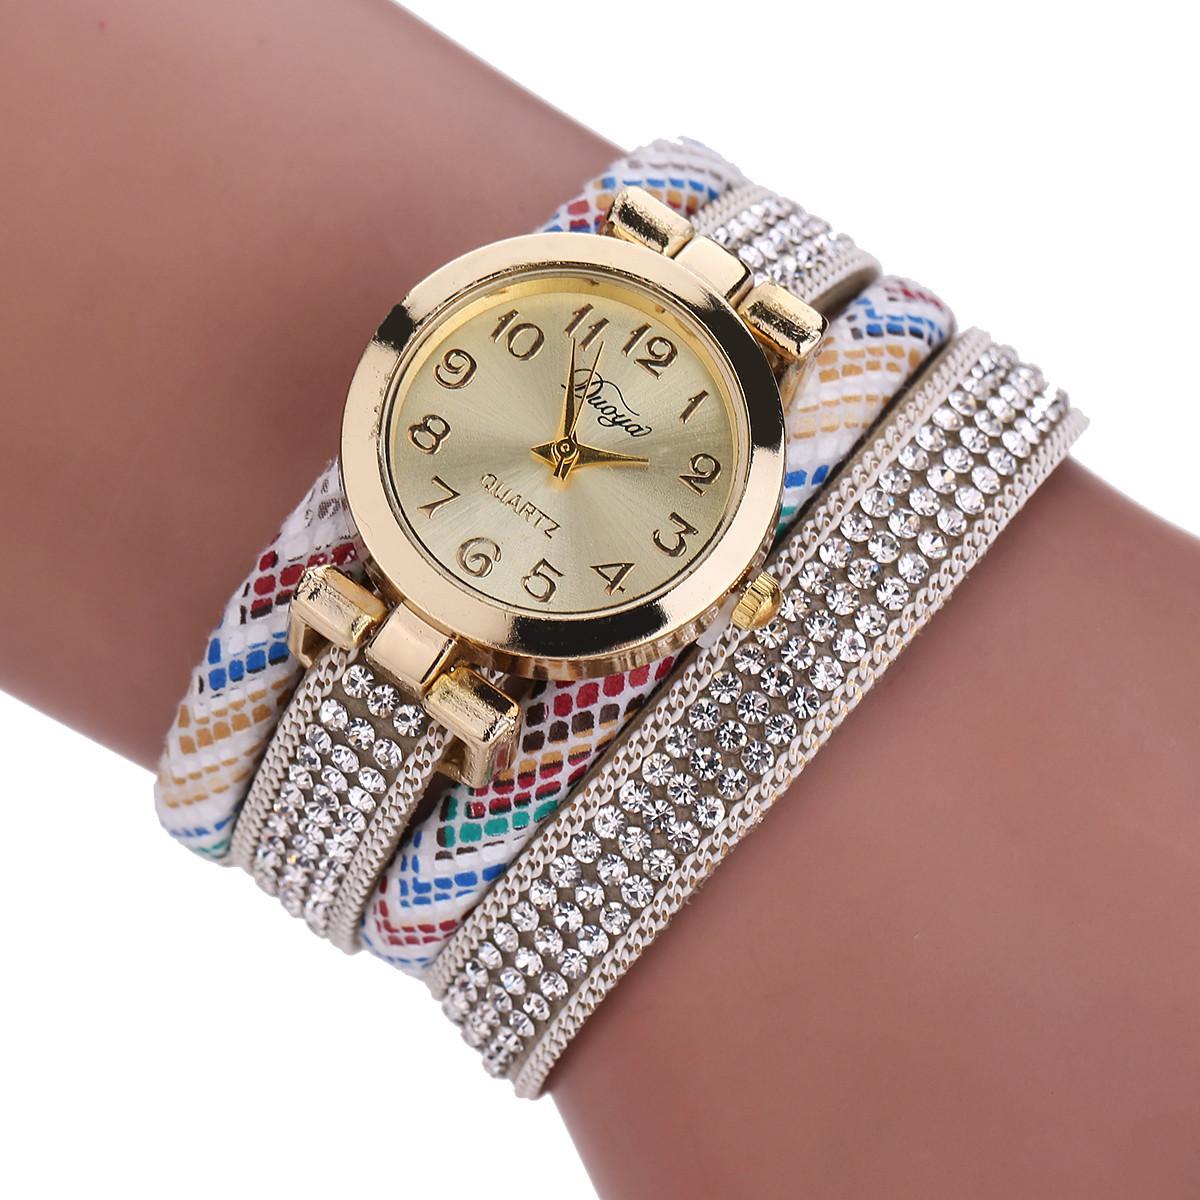 Яркие женские часы «Duoya» на длинном белом ремешке с цветным узором и стразами купить. Цена 275 грн